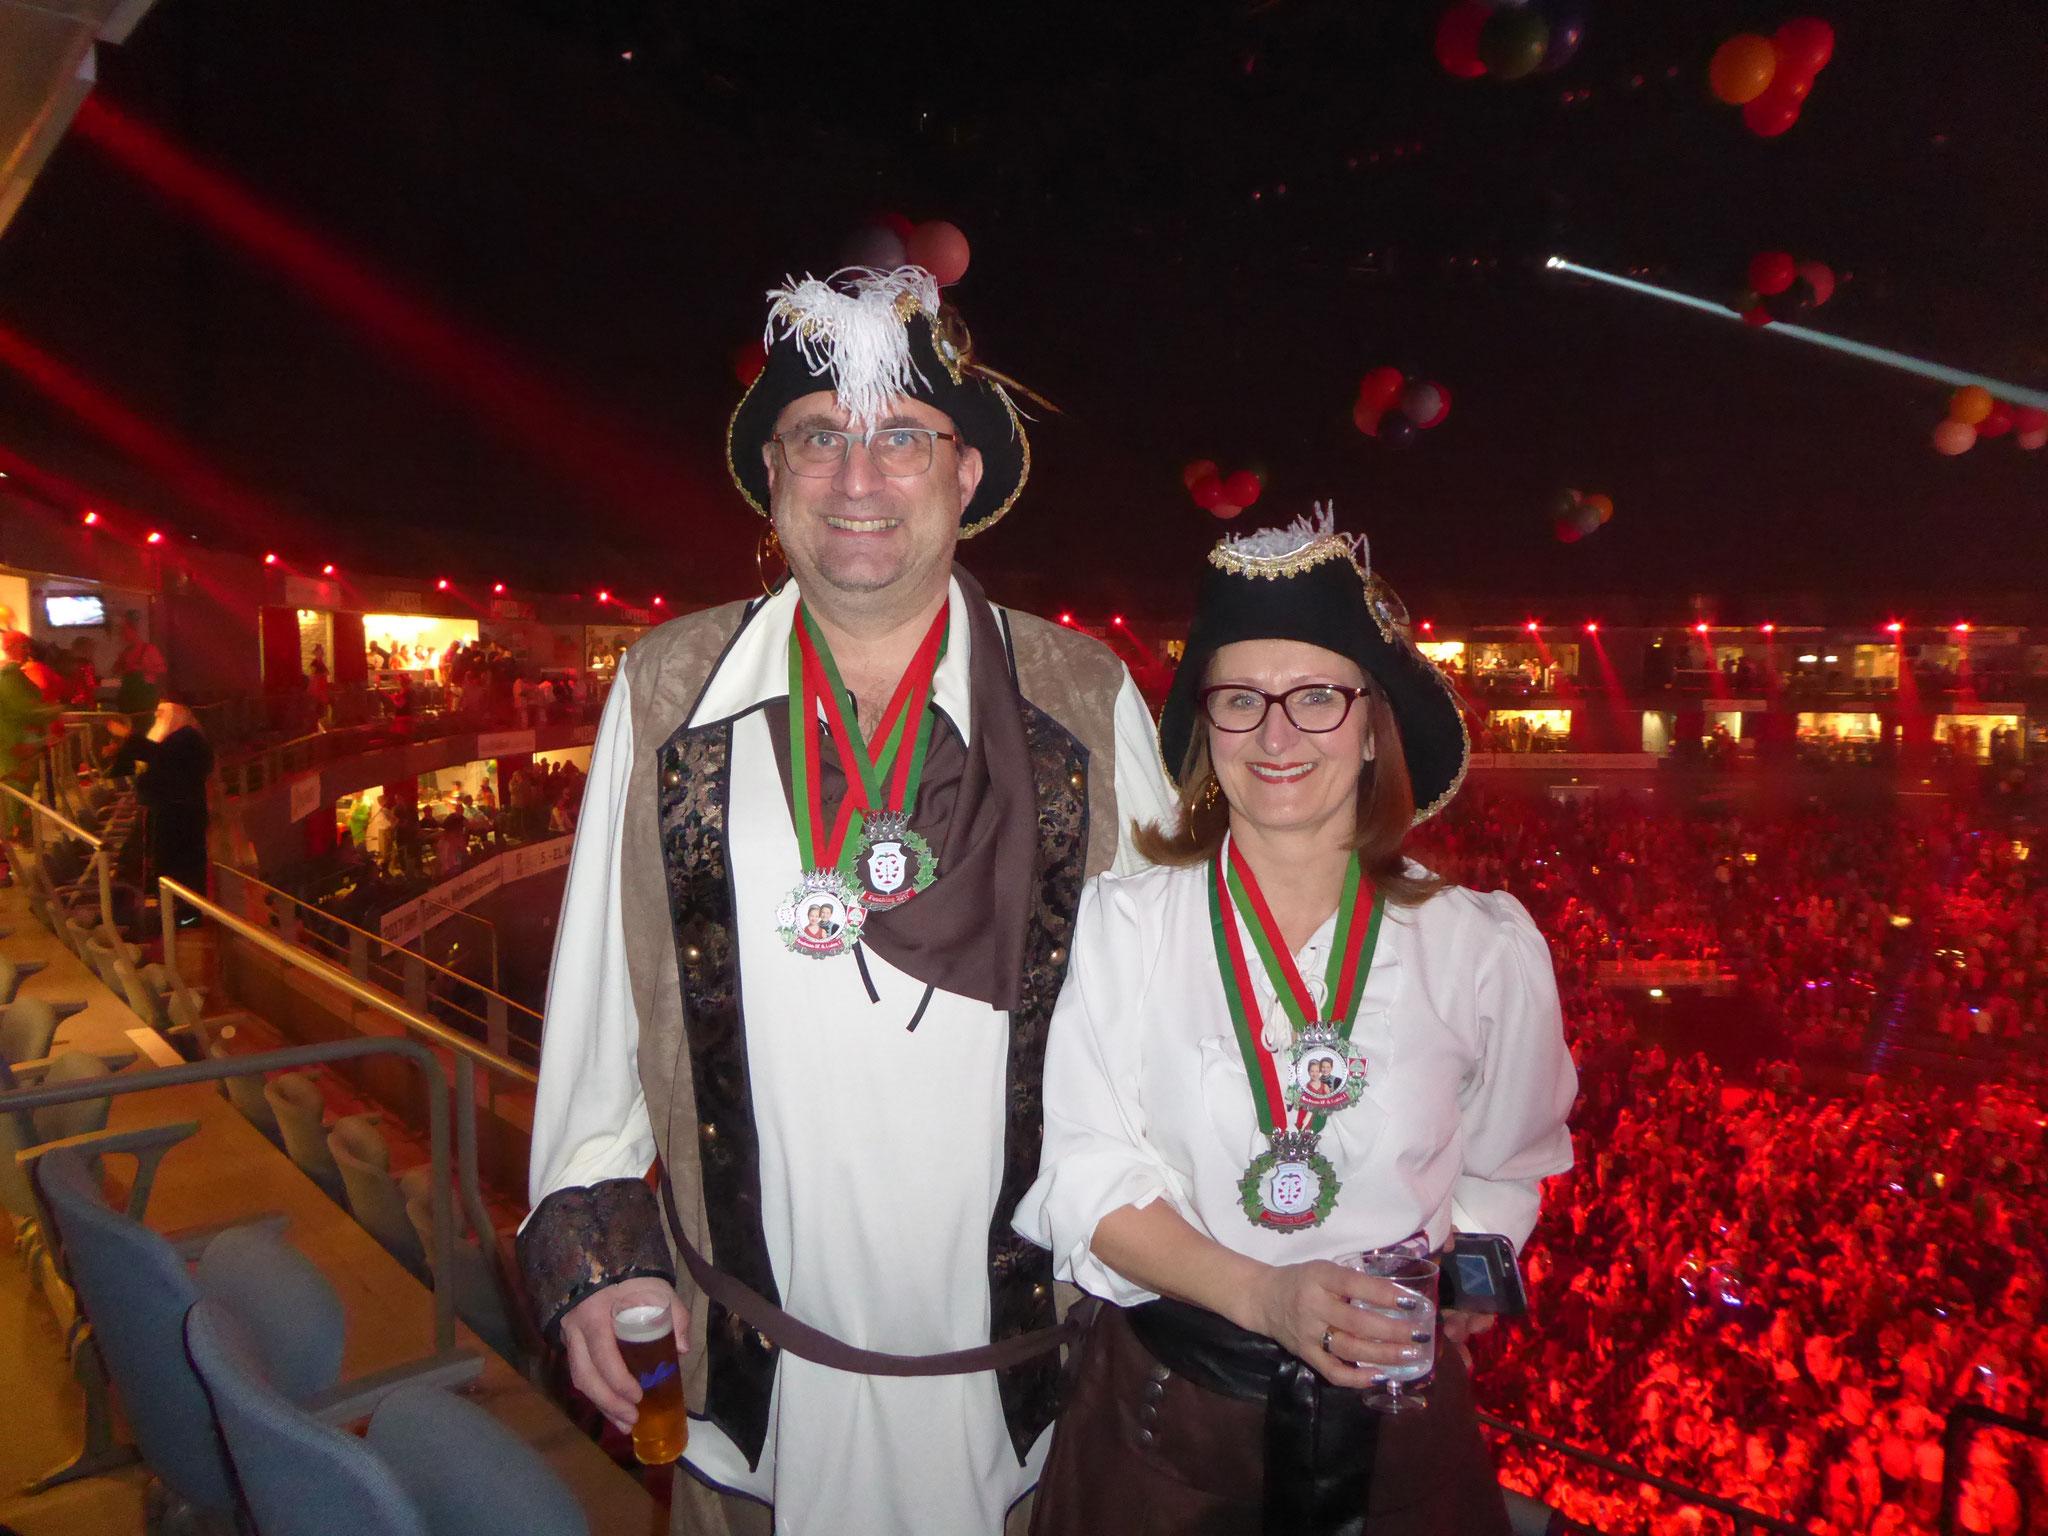 Lachende Kölnarena - Karneval 2017 in Köln